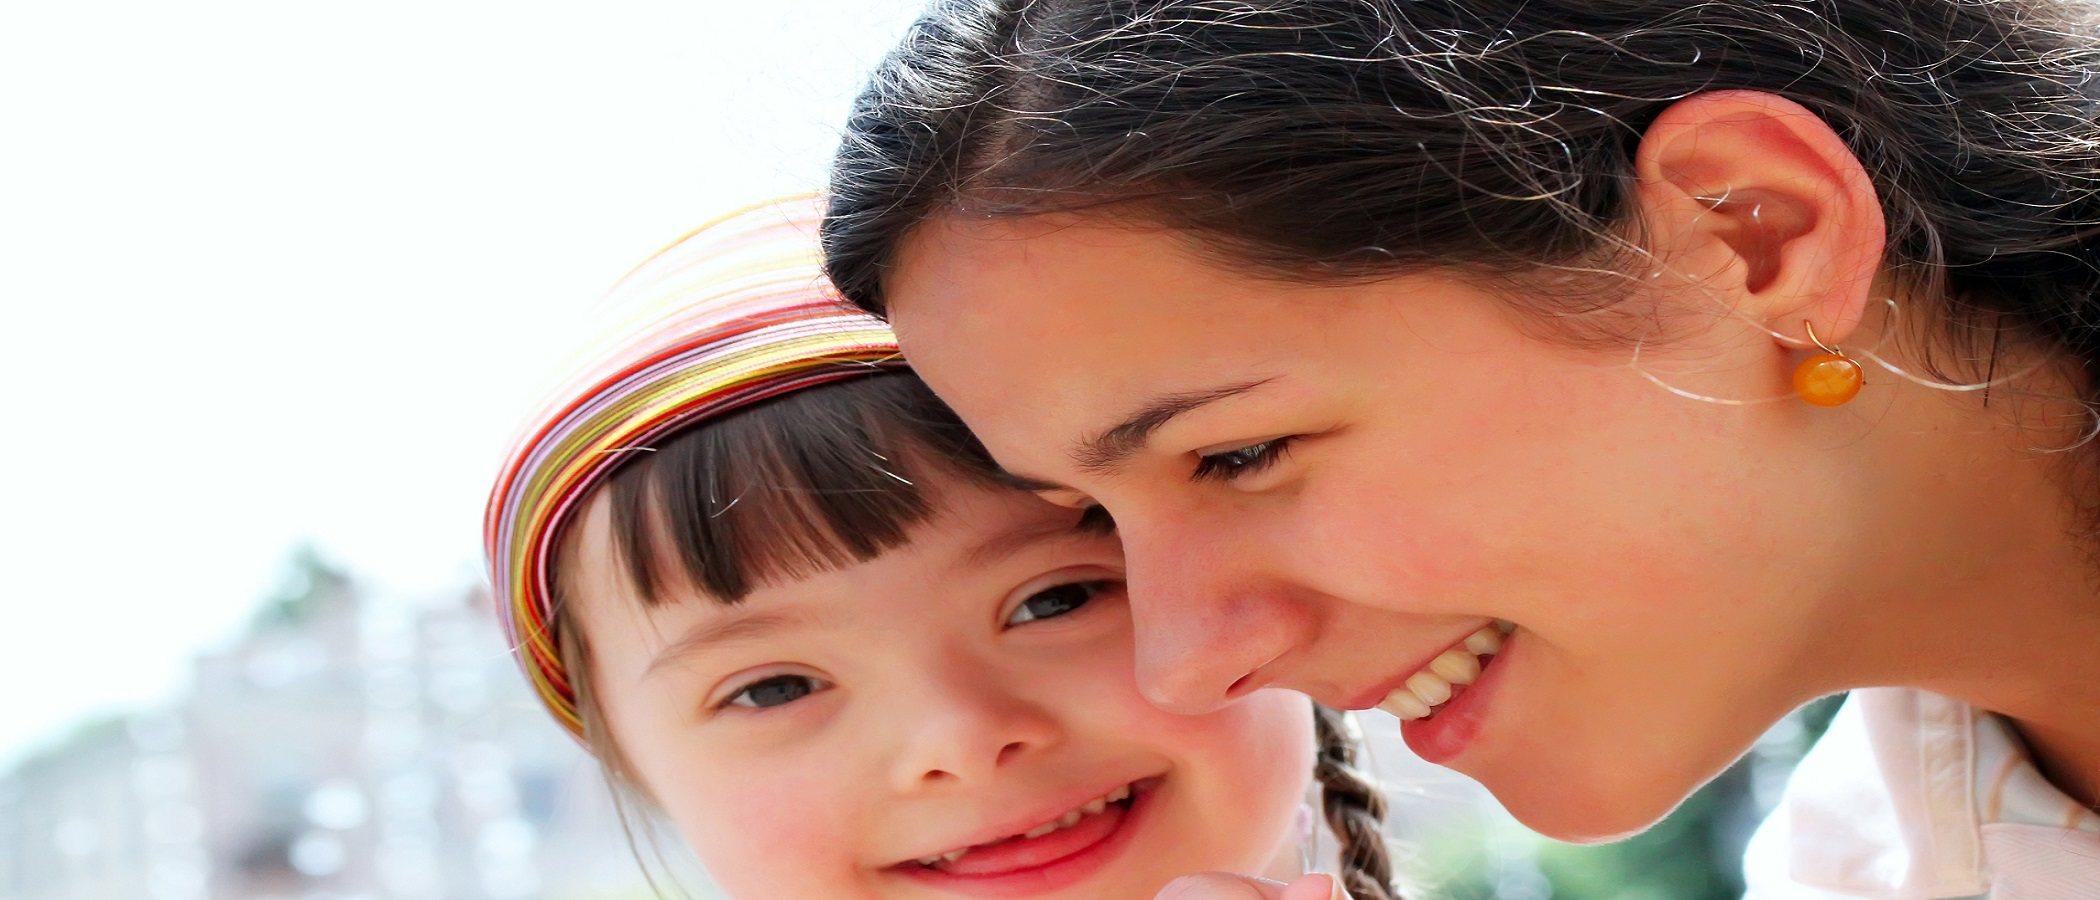 Cómo decirle a tu hijo con discapacidad que le quieres